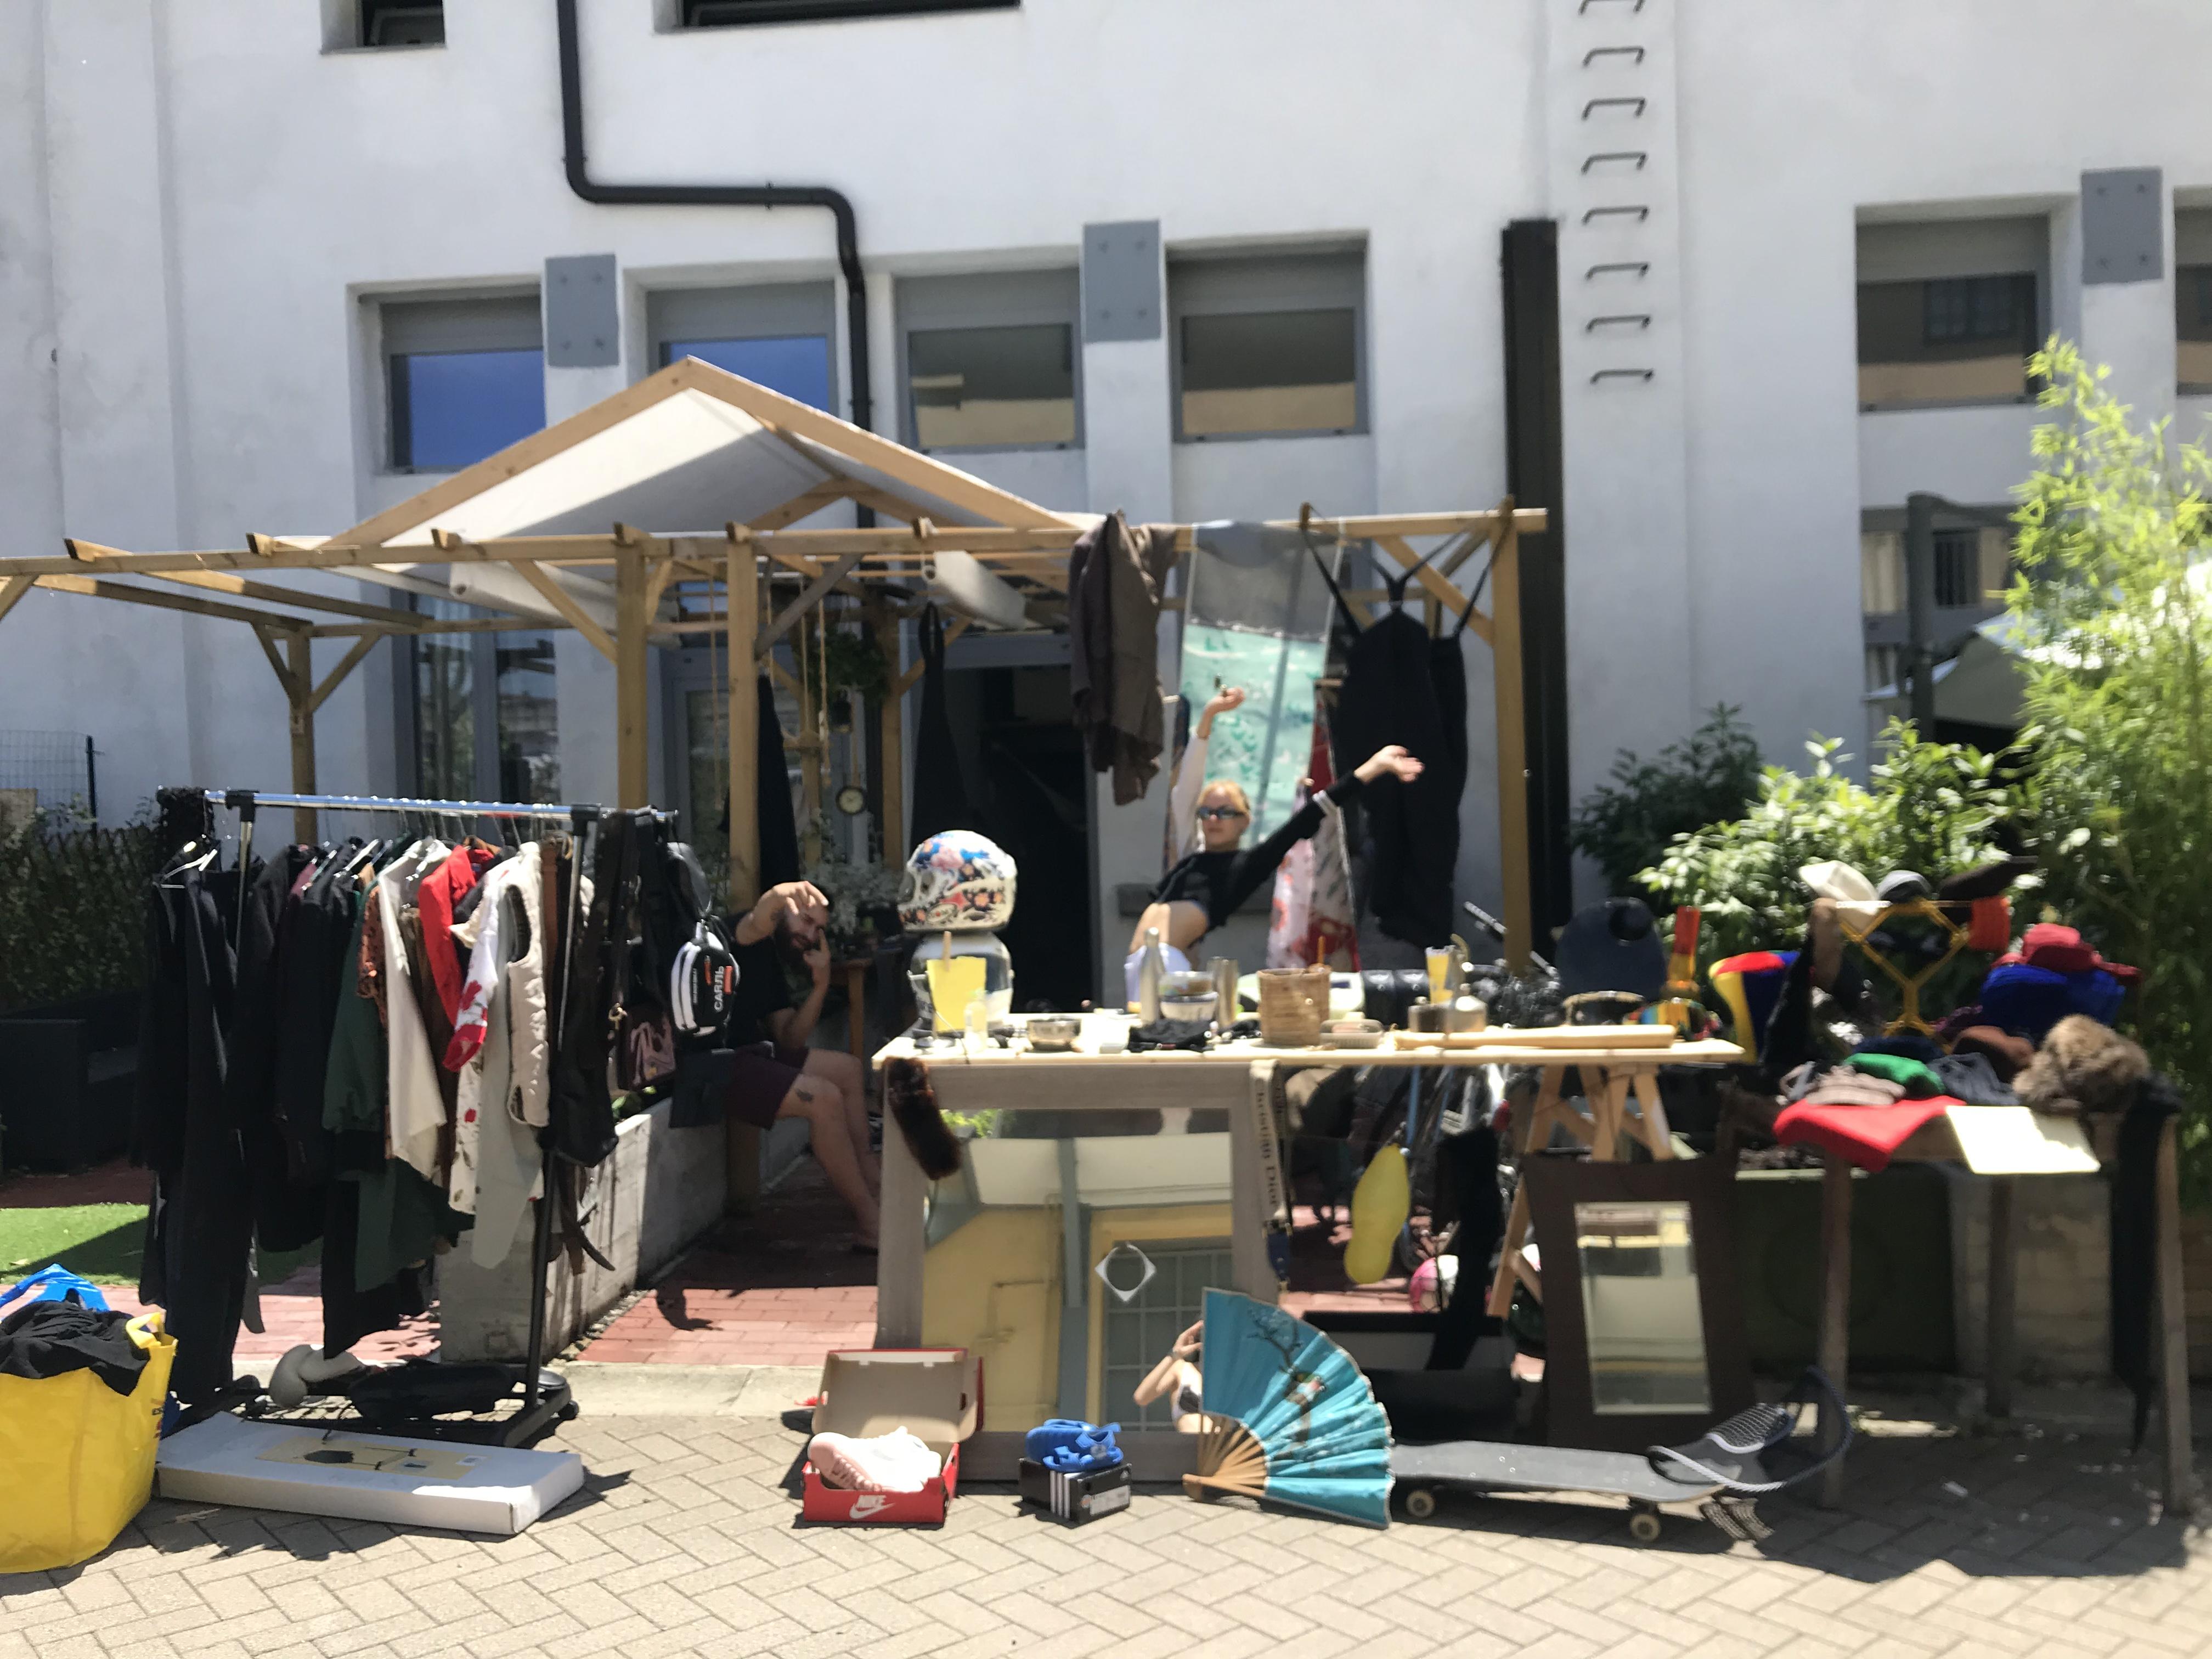 Mercatino organizzato in Tucidide da Giorgia Andreazza, modella e designer